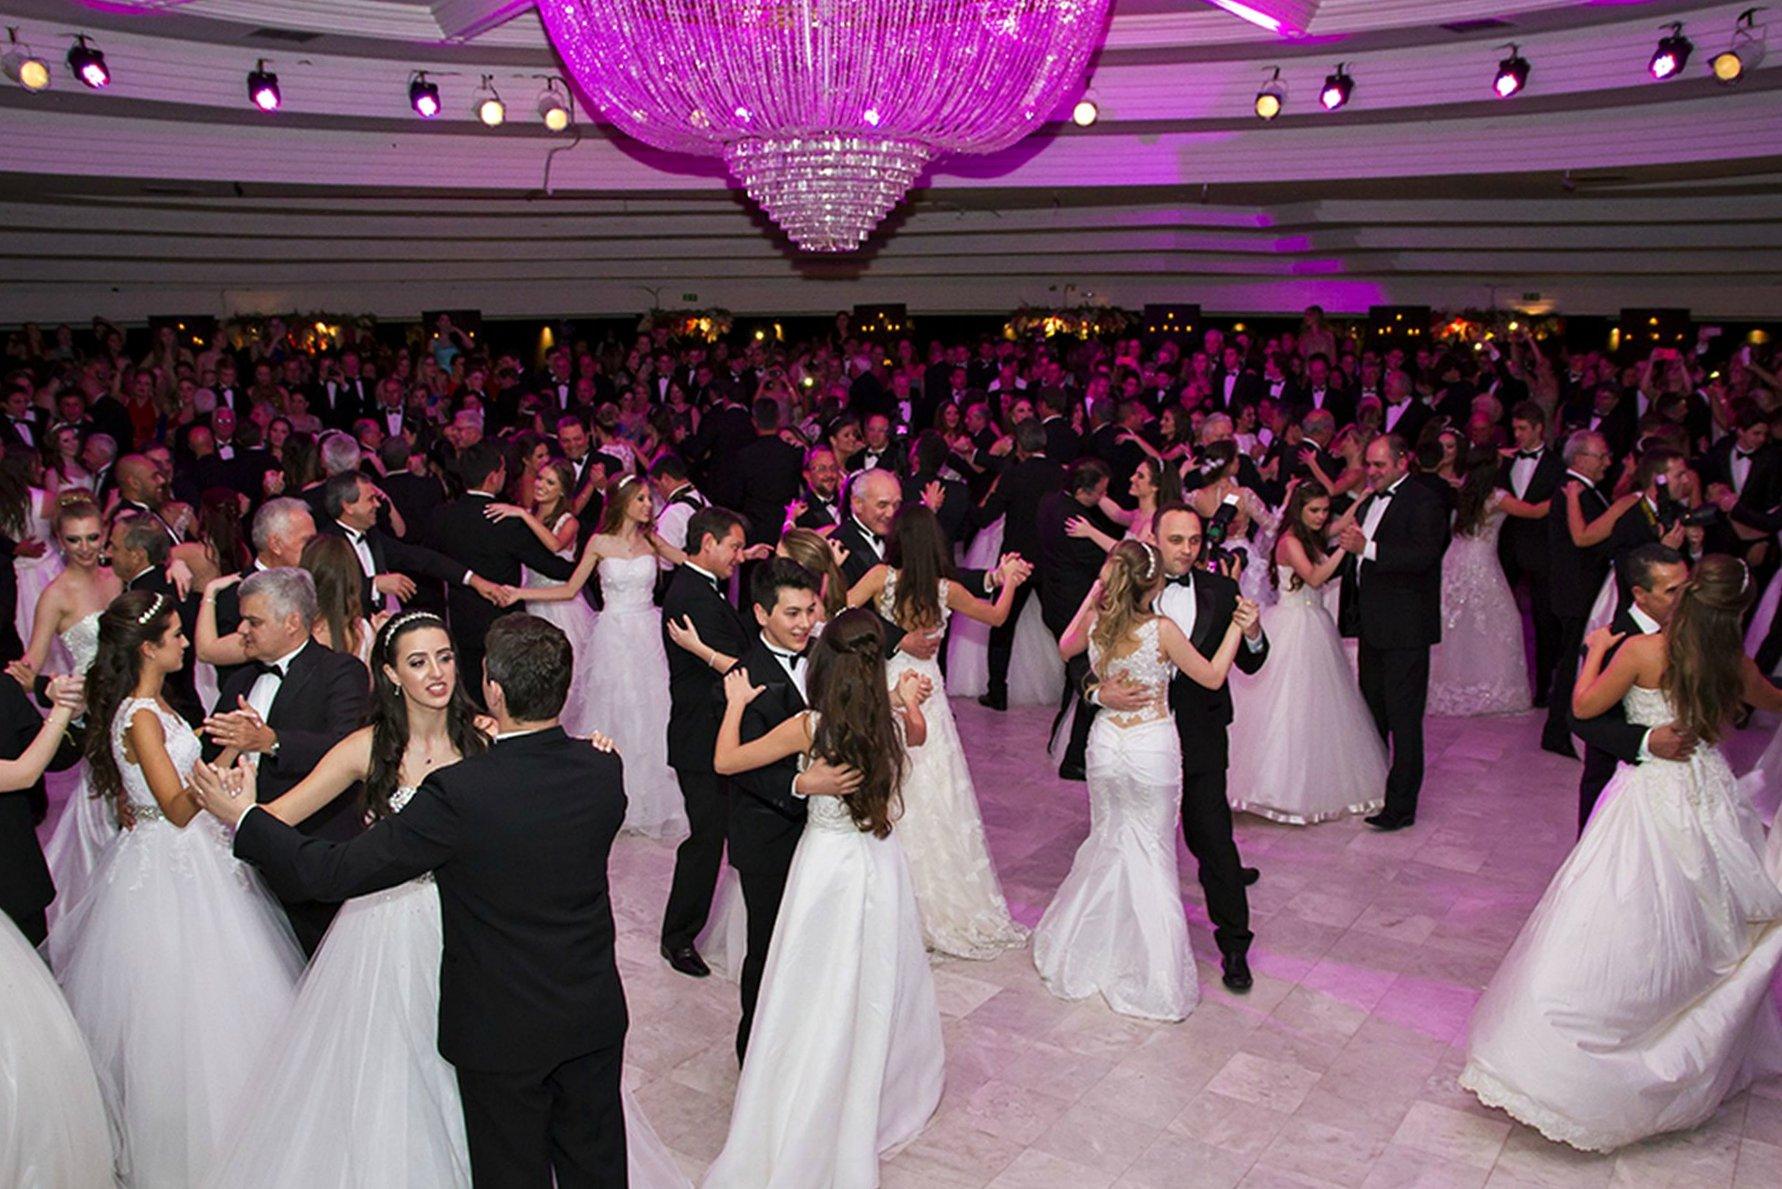 baile debutante clube curitibano amplo.jpg?resize=636,358 - Tenebroso! Você sabe qual é a origem das festas de debutantes?